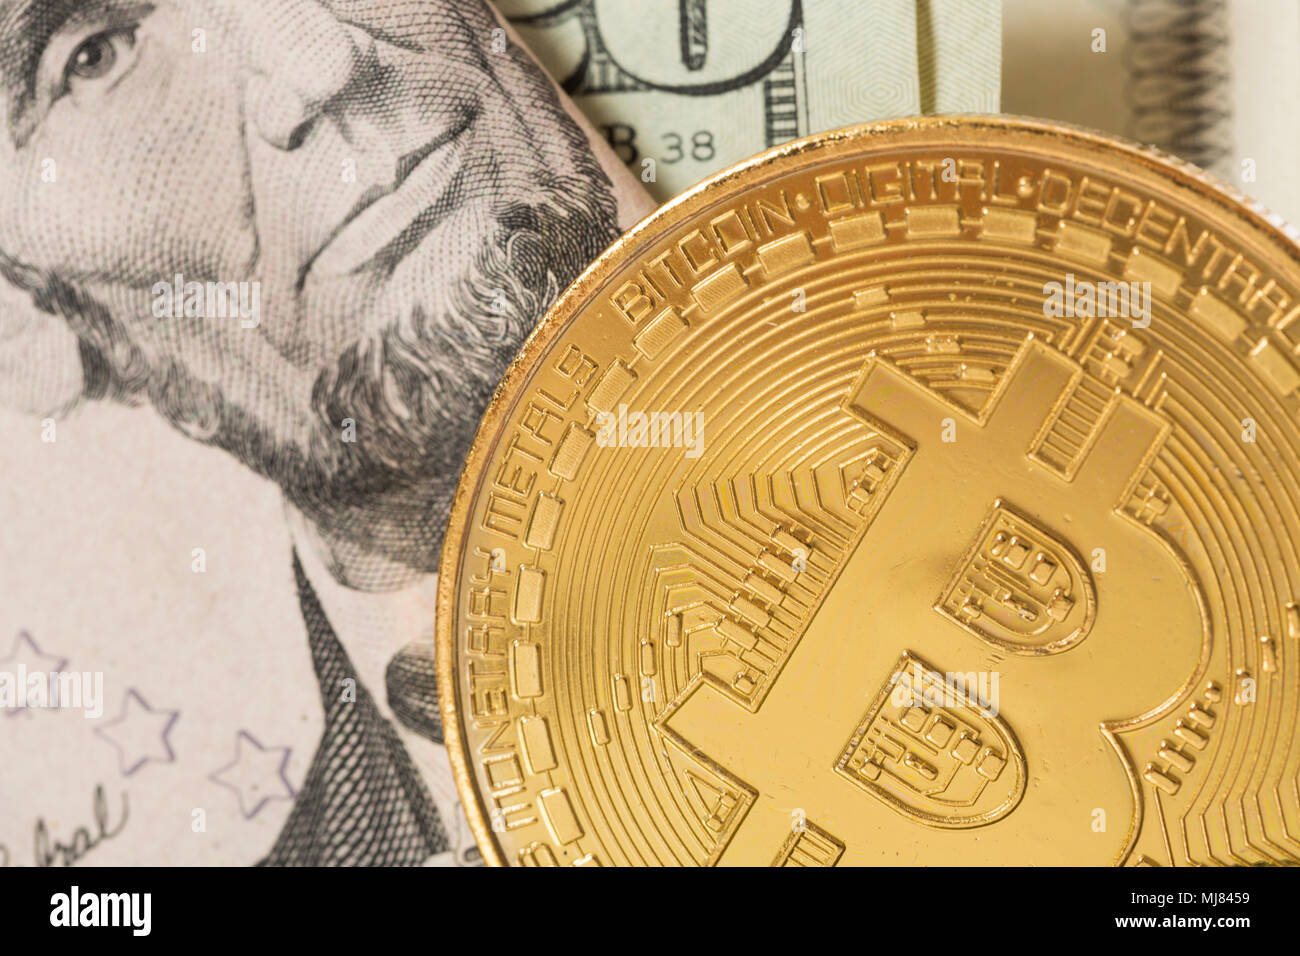 Ein bitcoin mit Papier Währung. Stockbild